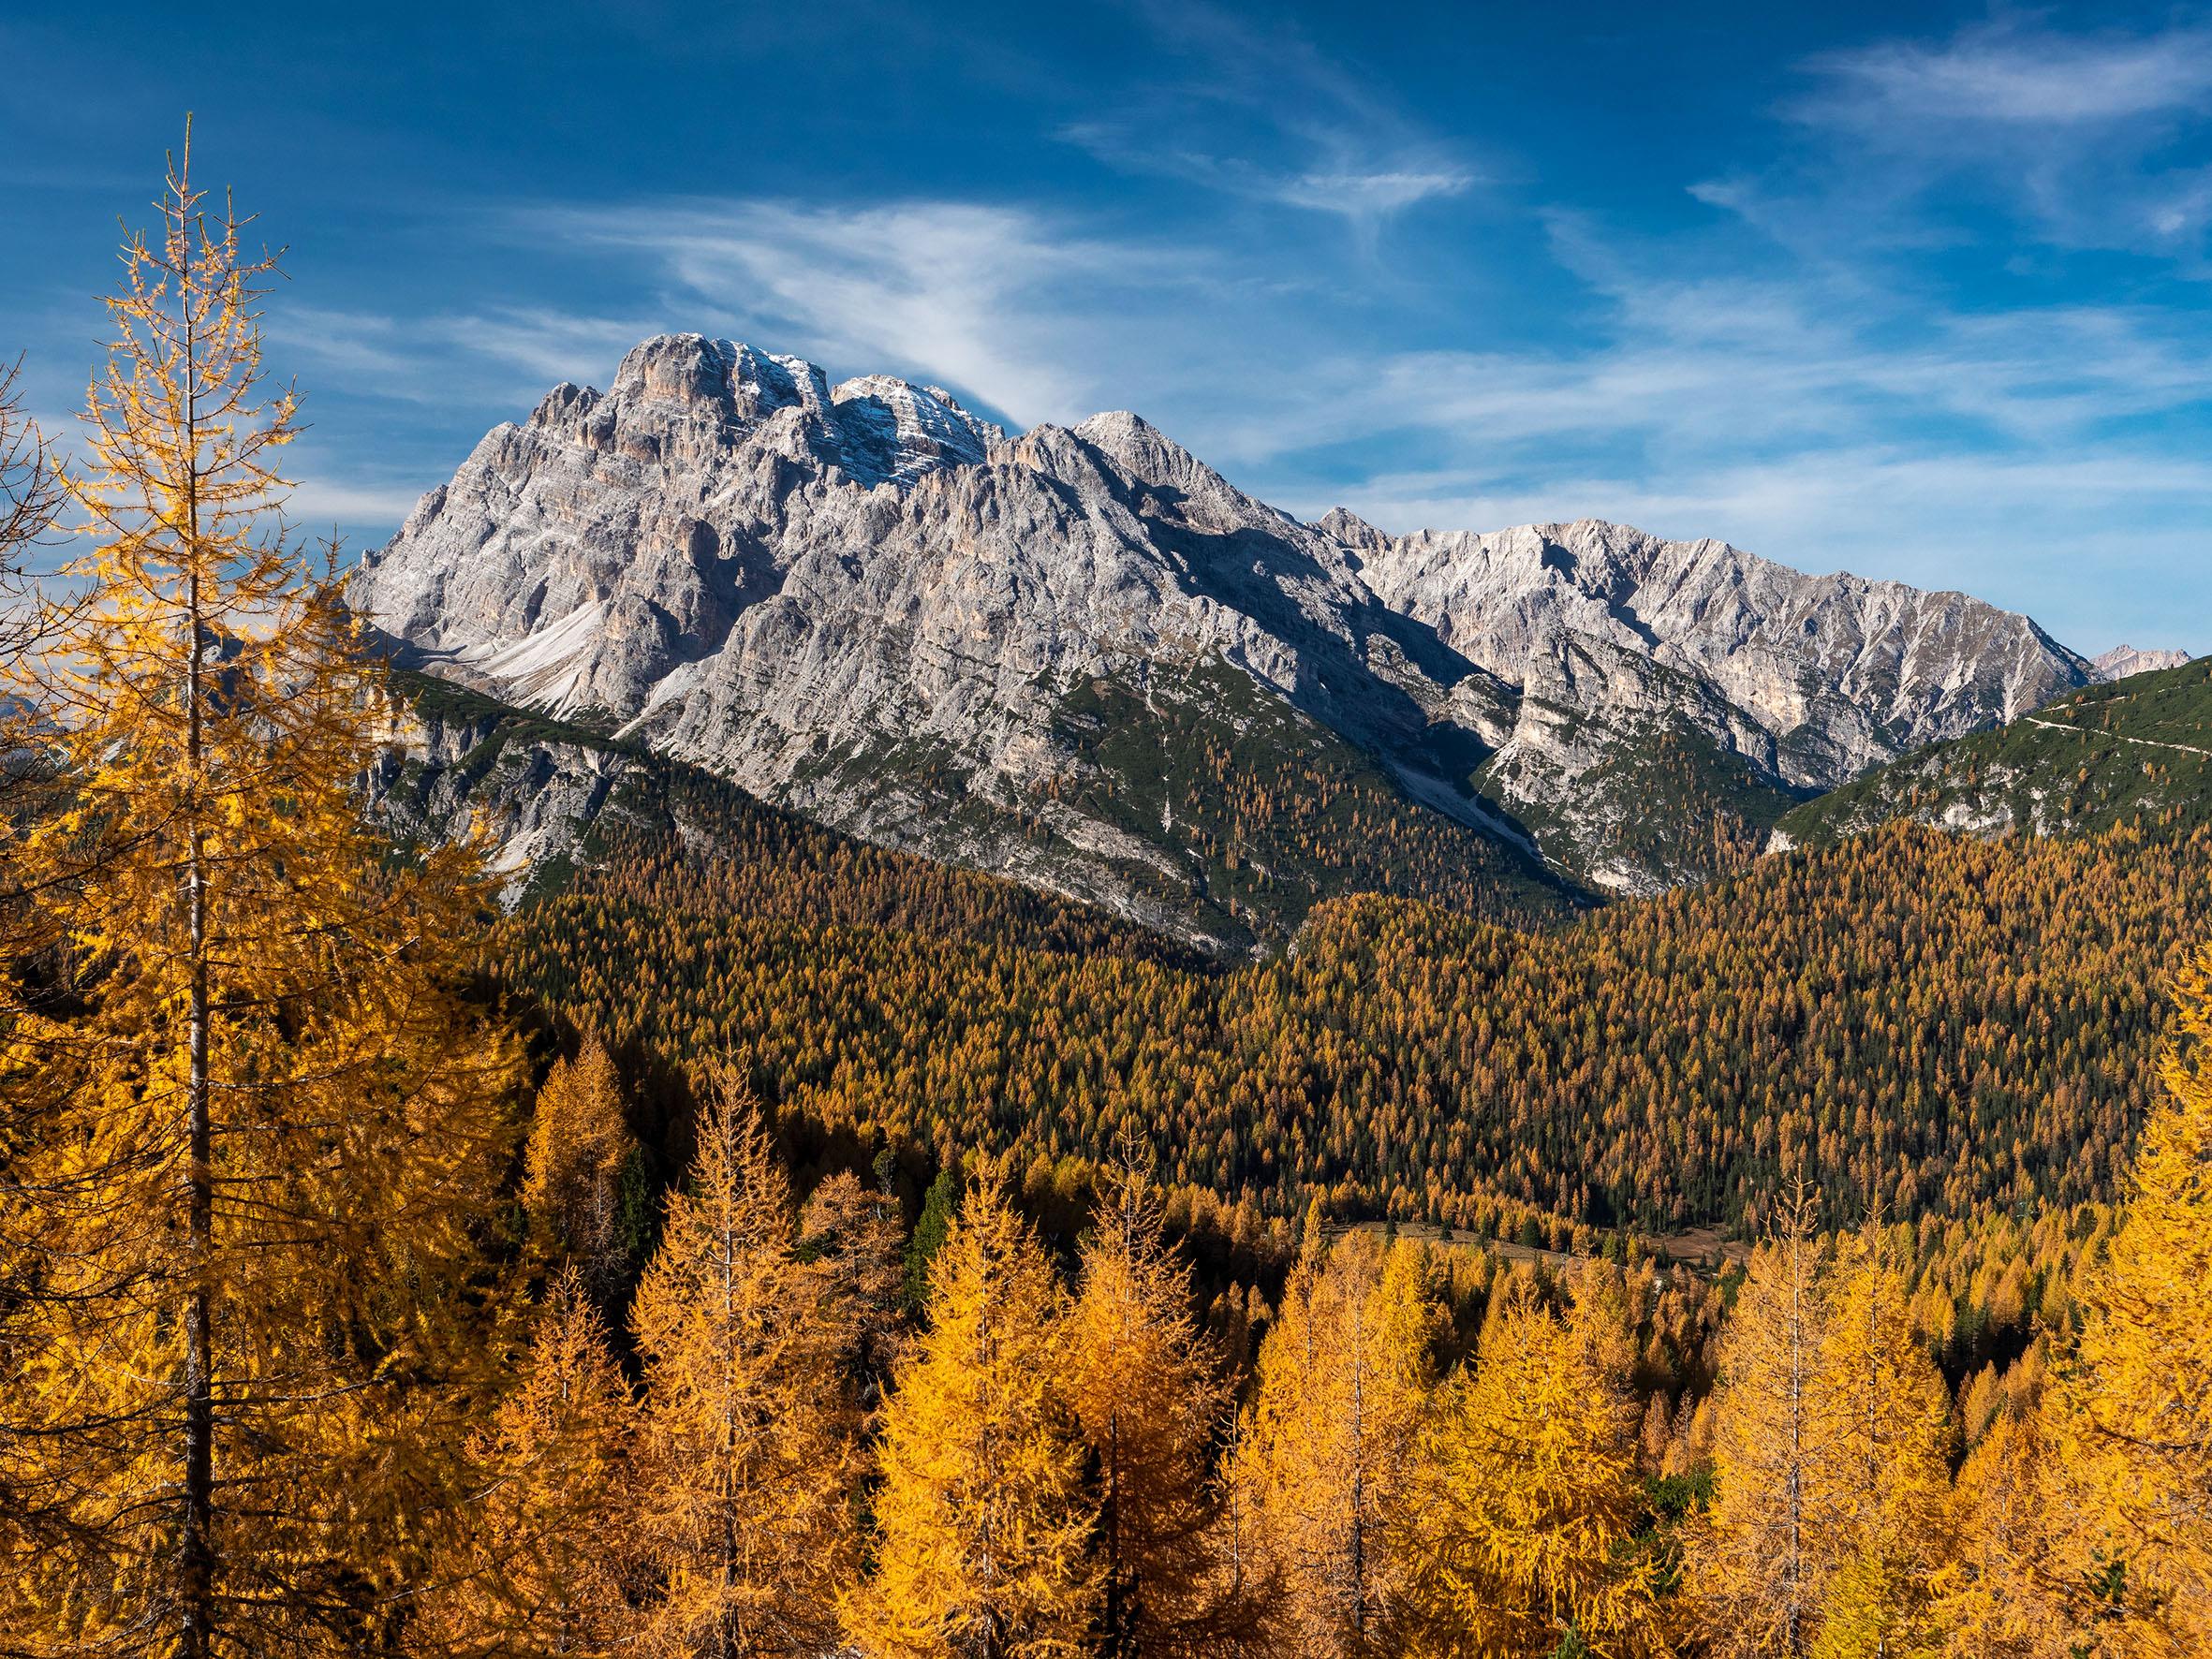 Фотографии Альпы Германия Горы Осень Природа лес мха 2362x1772 альп гора осенние Леса Мох мхом